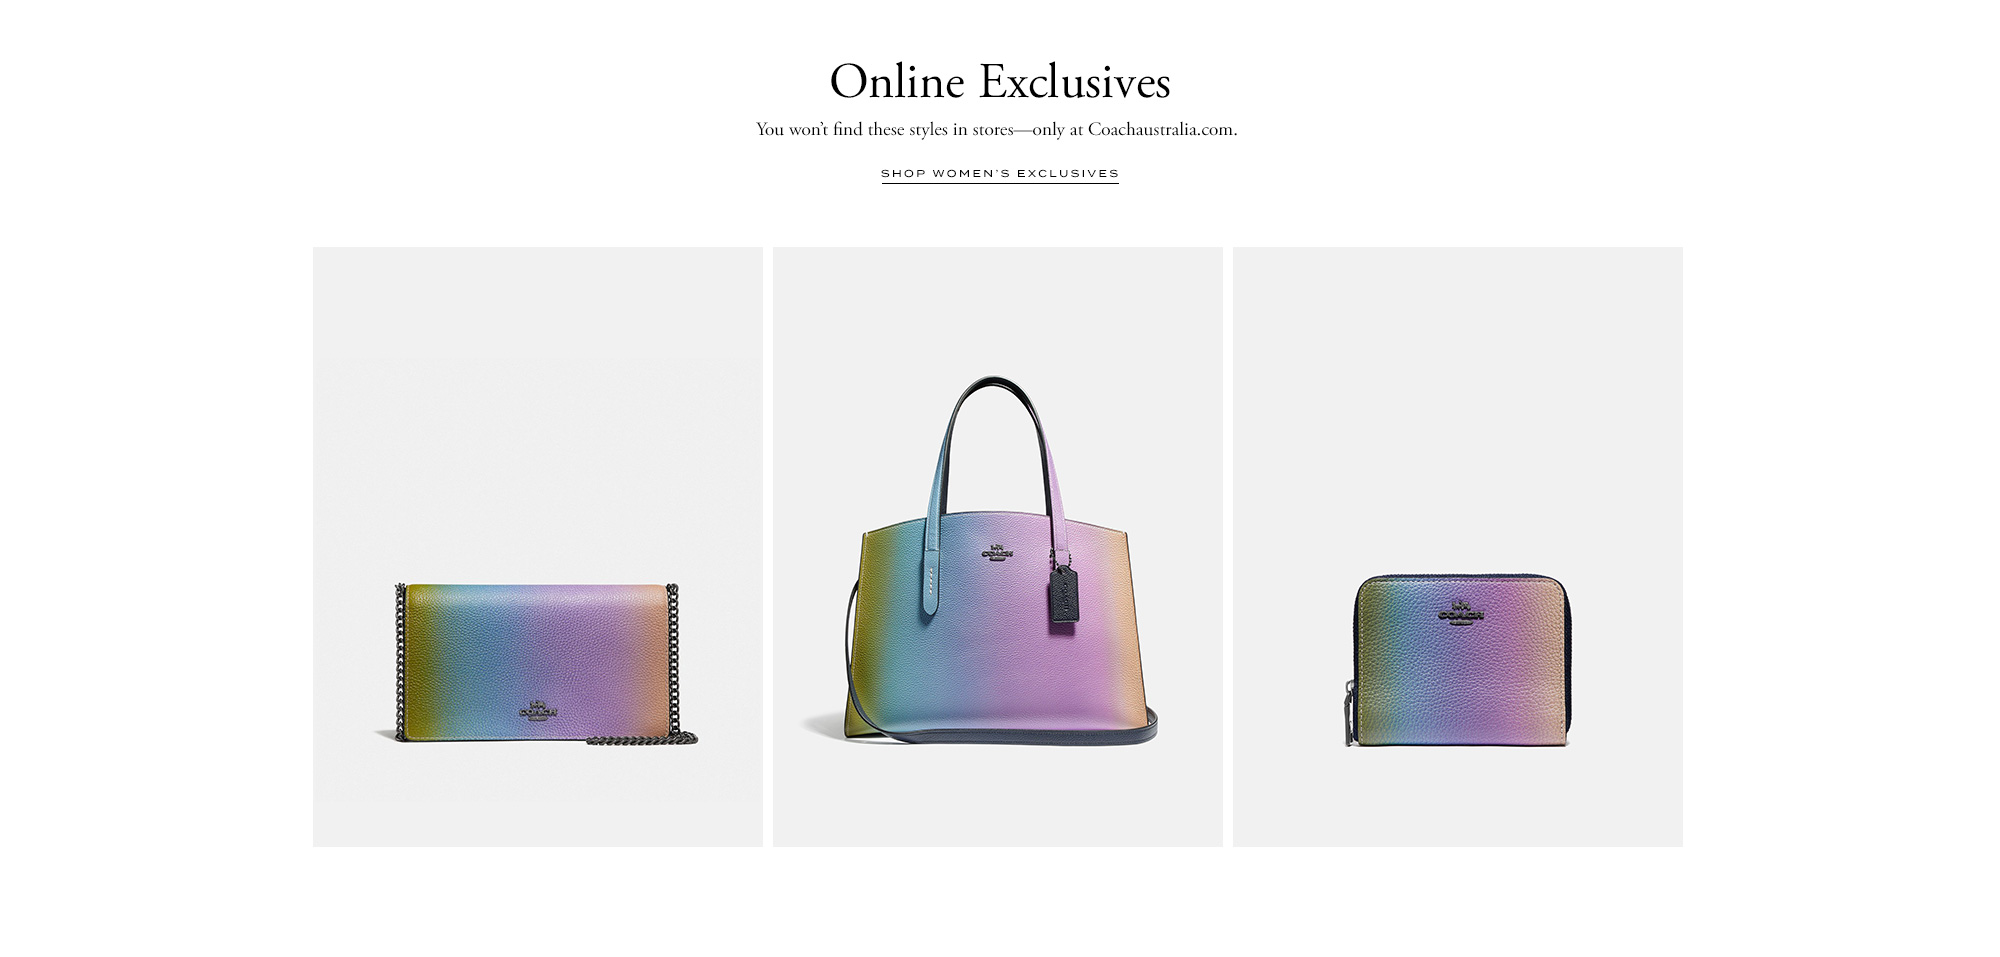 0a7c9248d55 Designer Fashion   Handbags   Coach Australia Online Shop